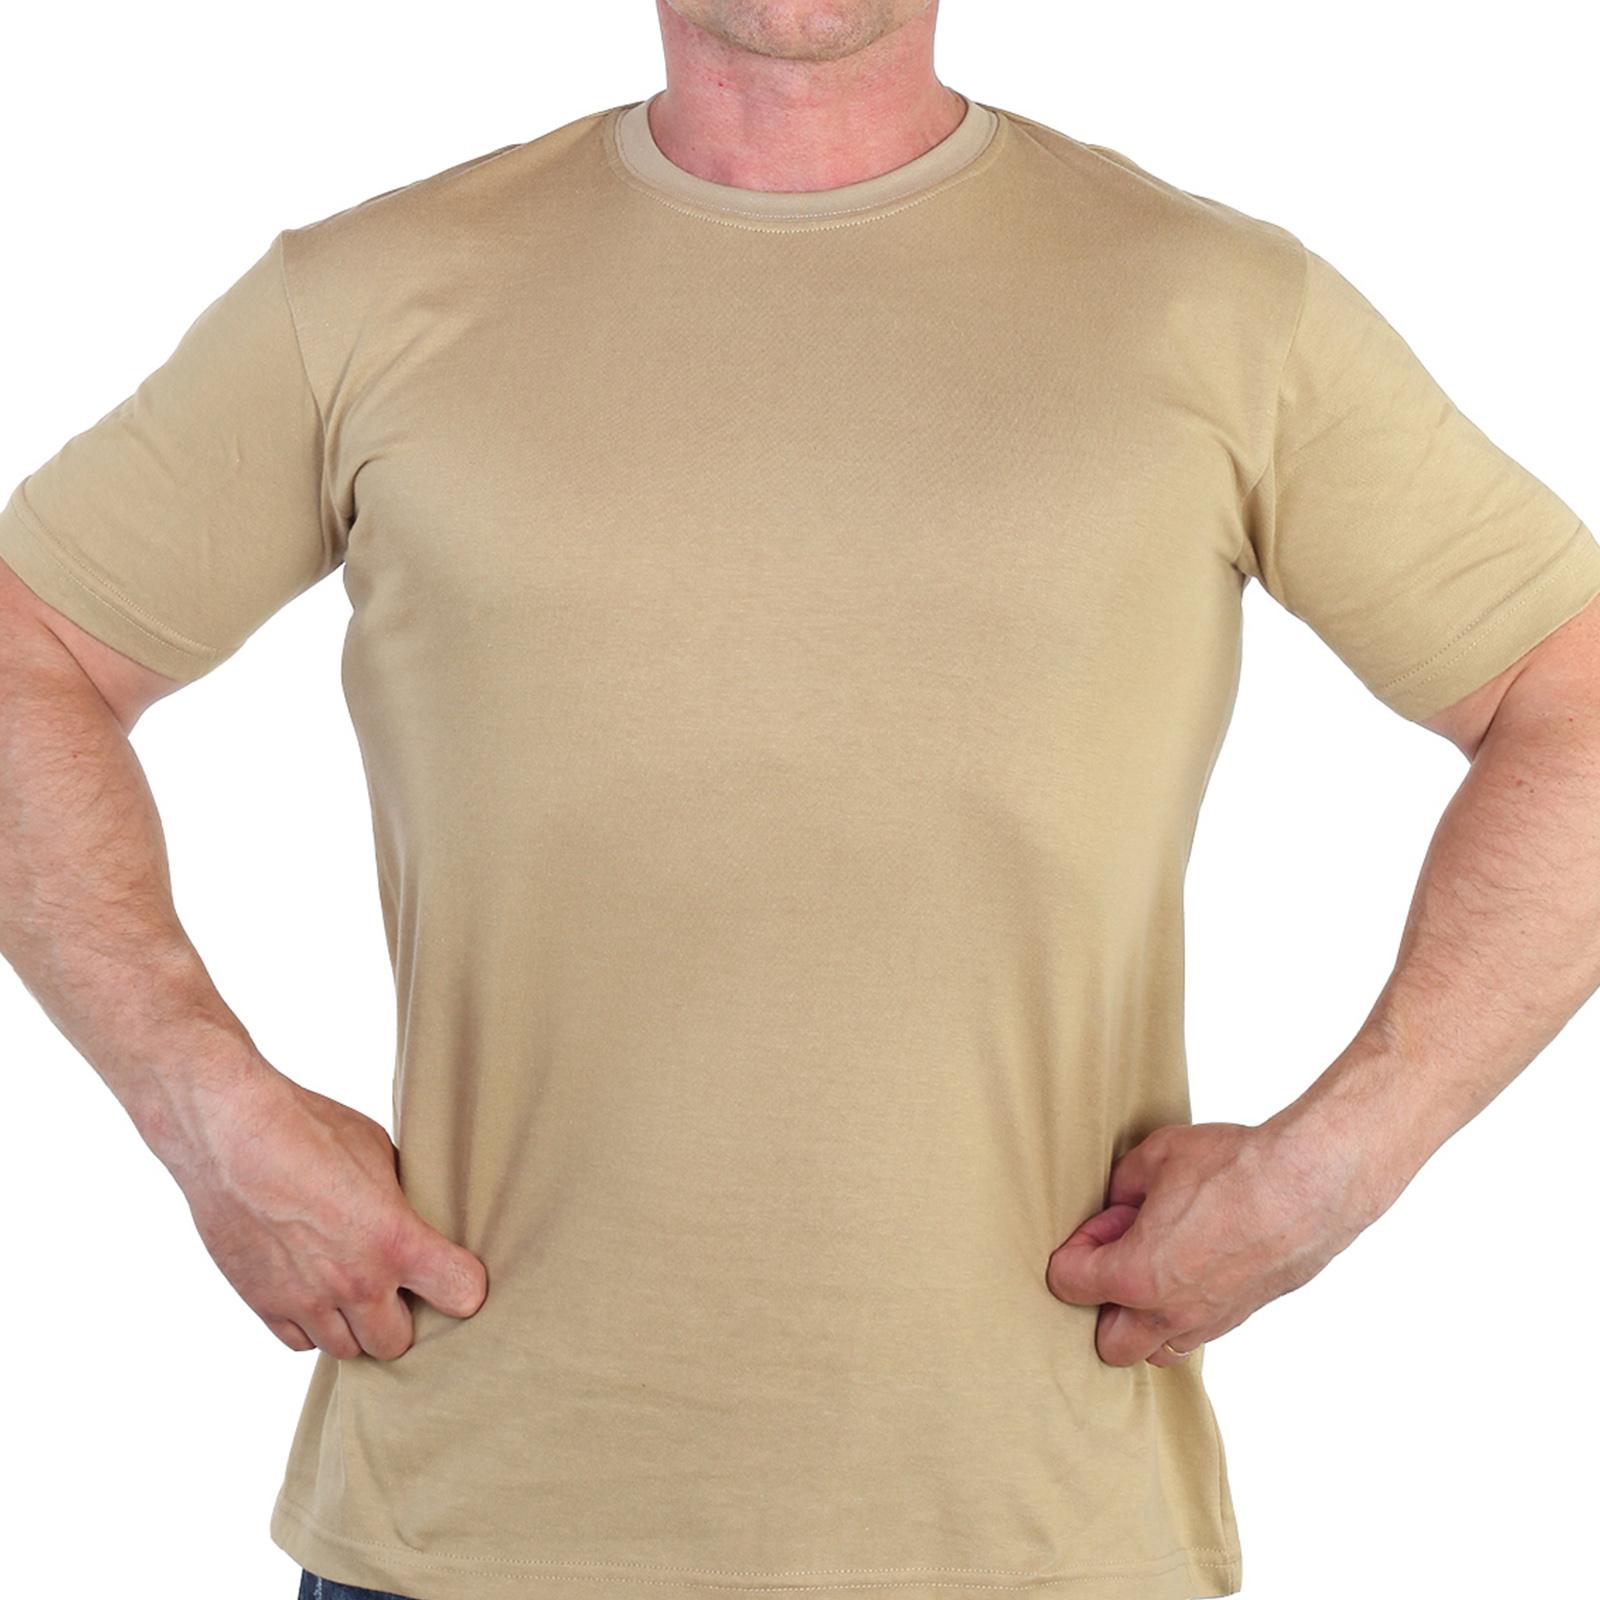 Уставная футболка песочного цвета